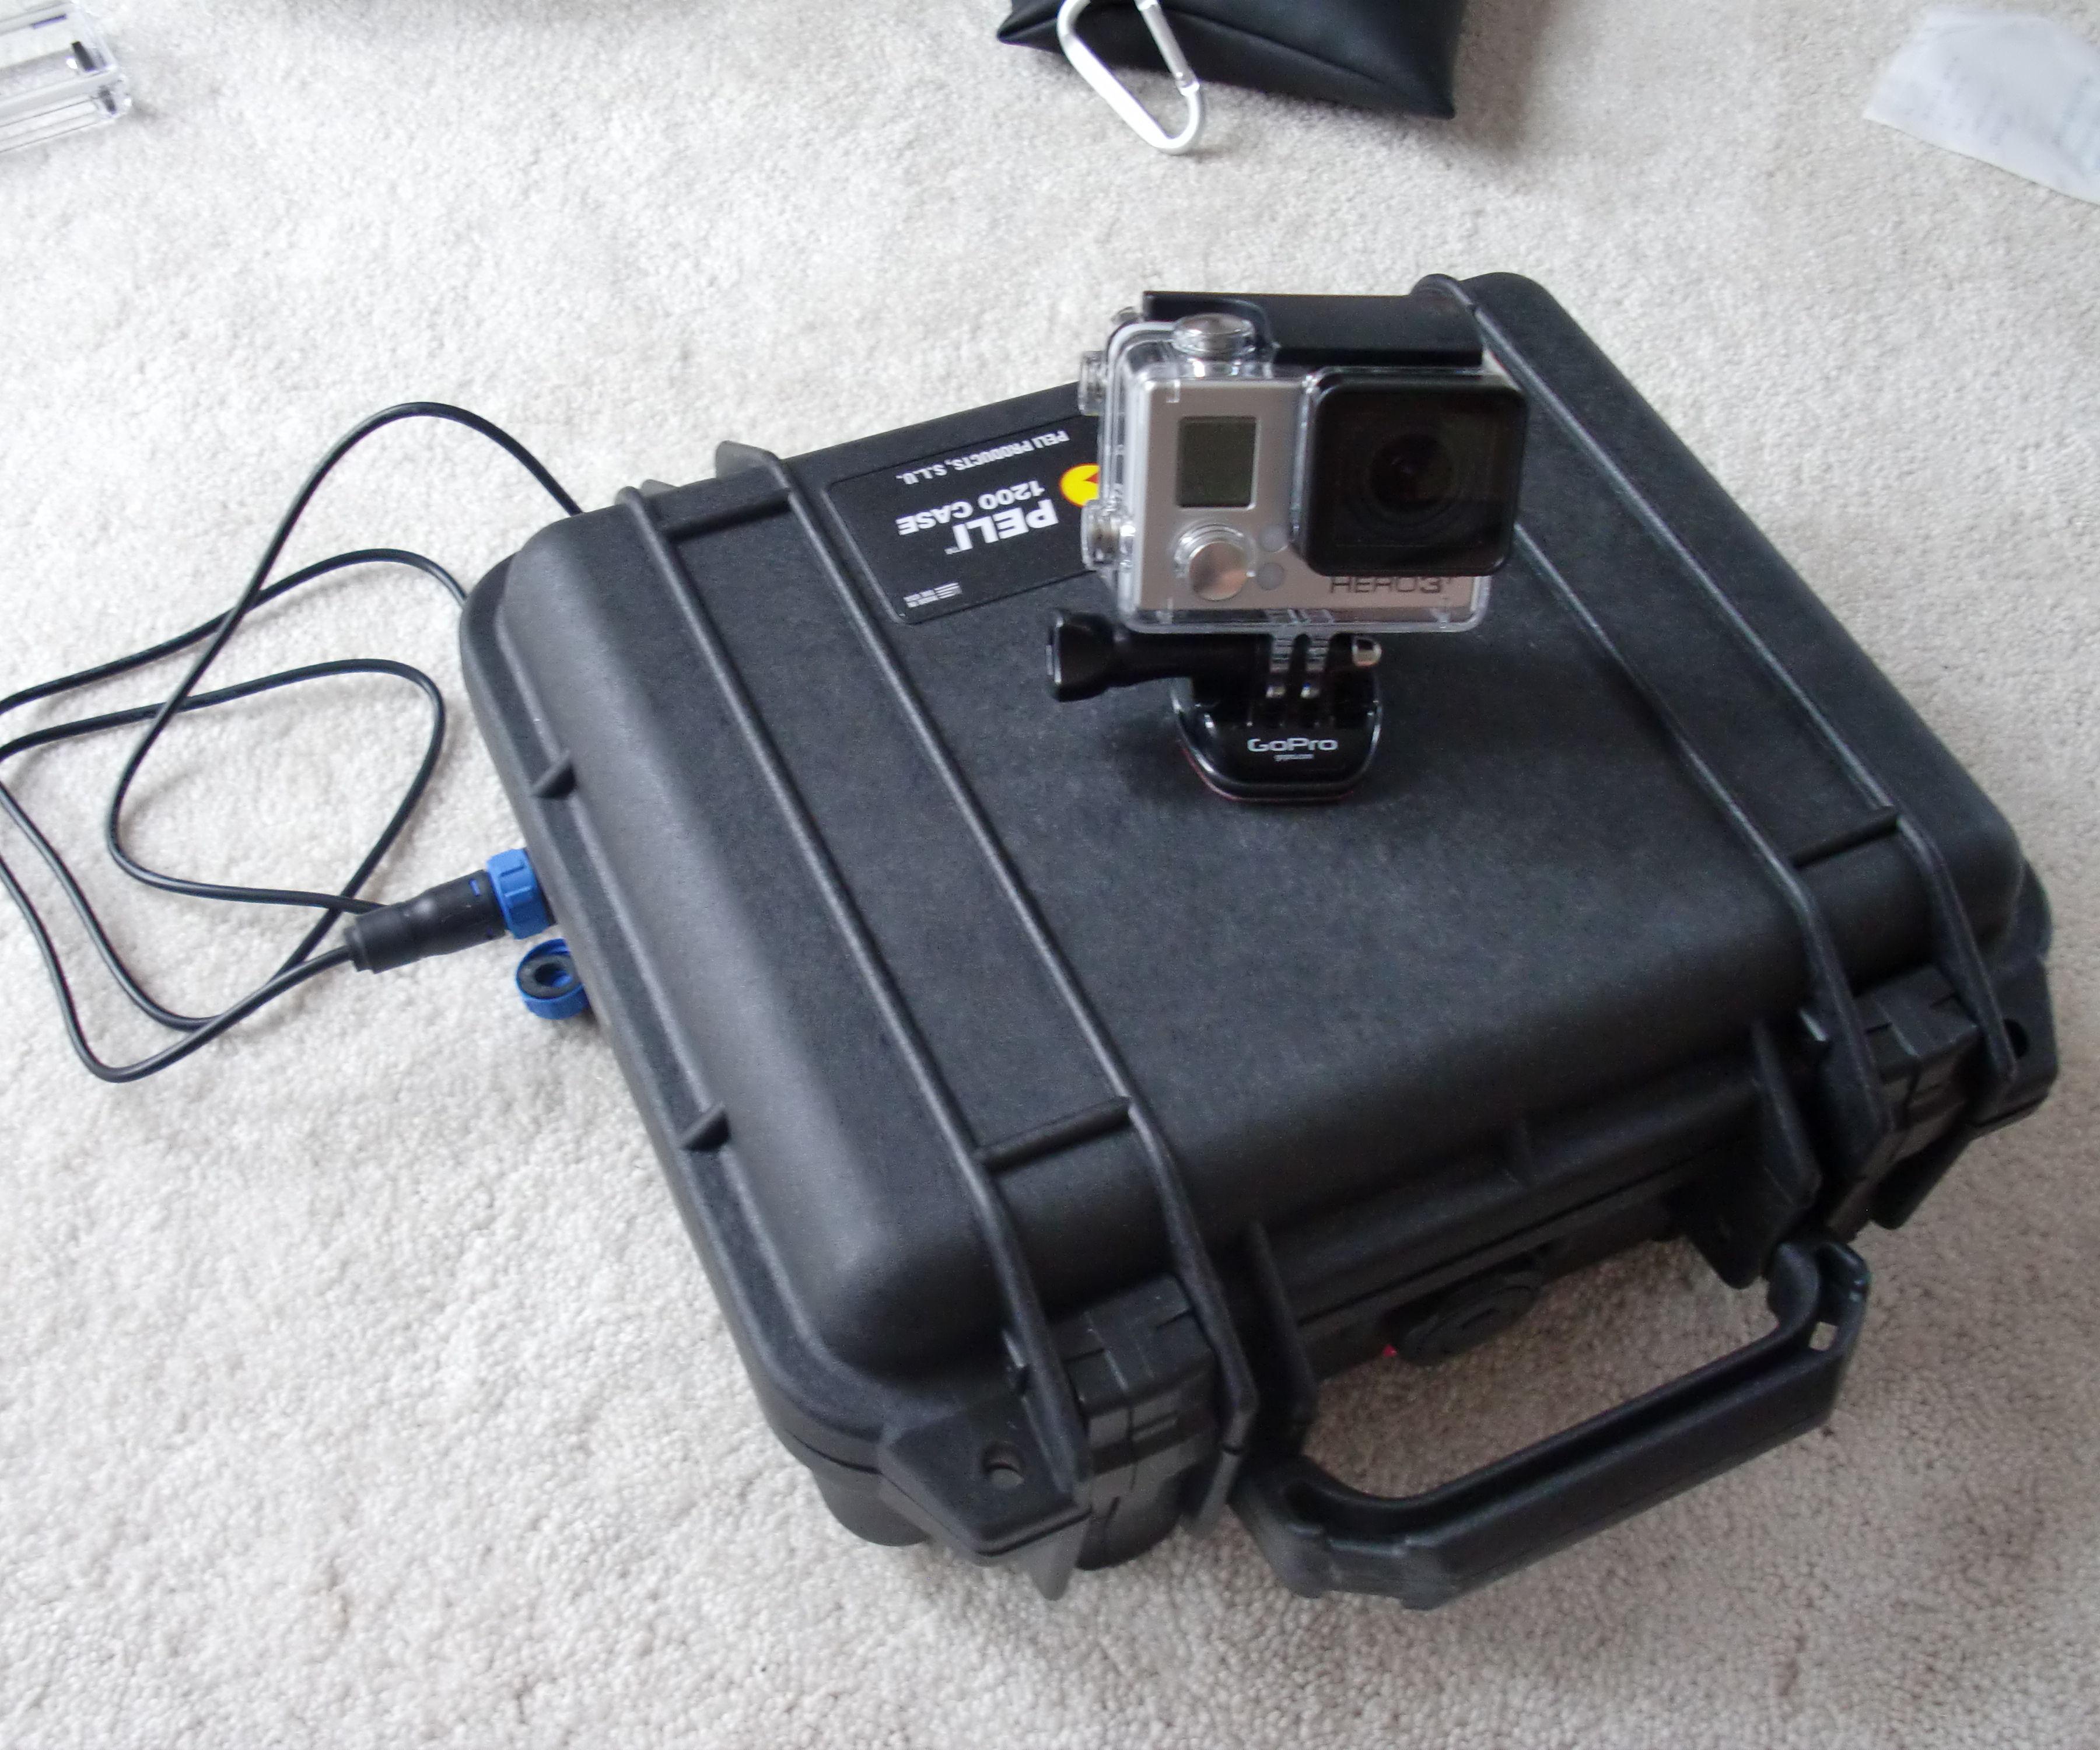 GoPro External Battery